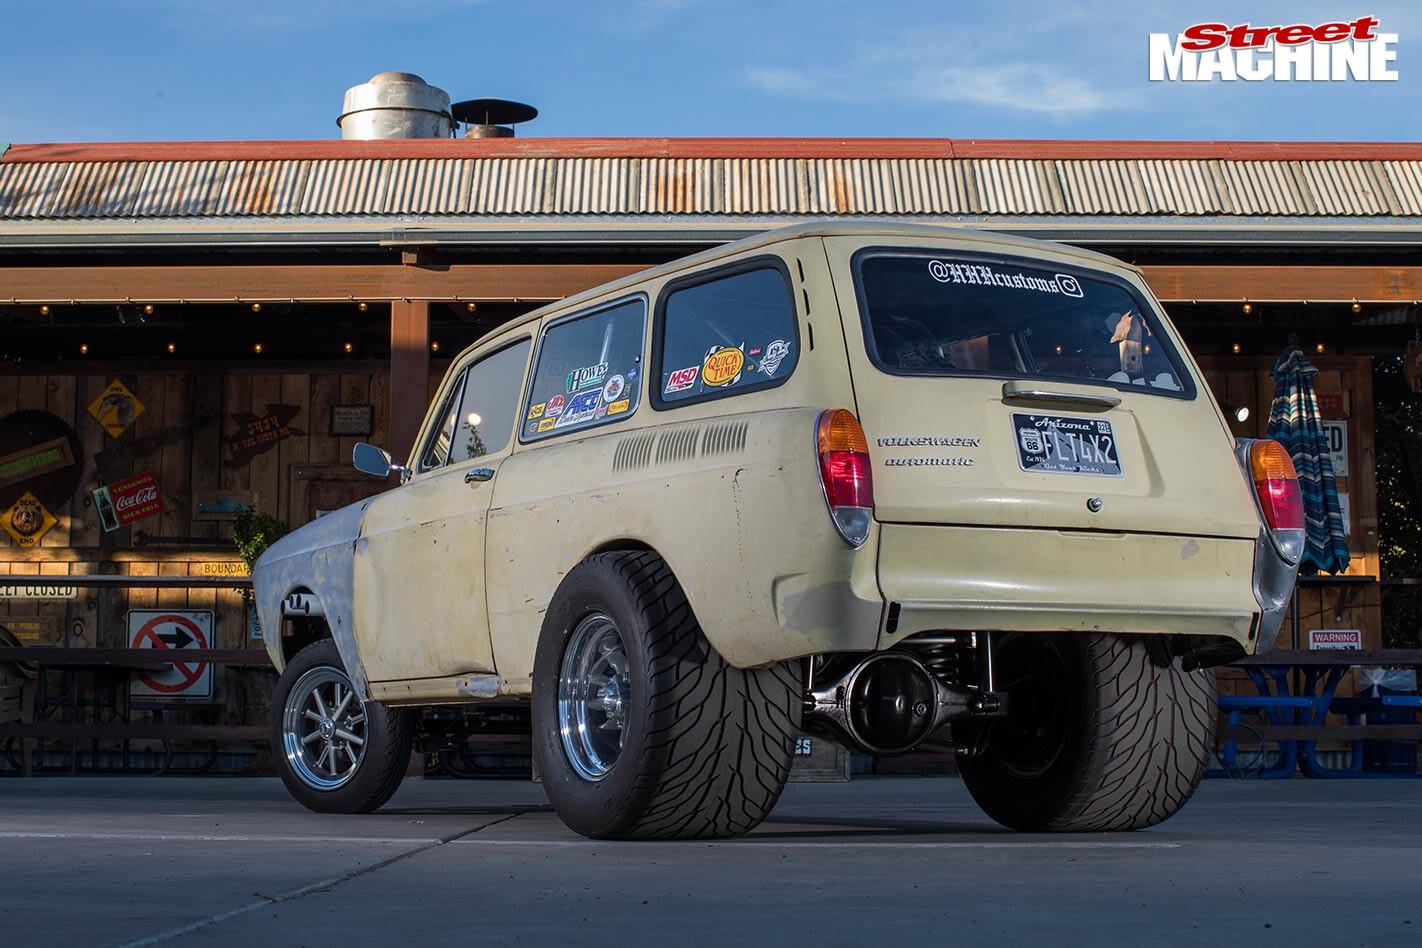 VW gasser rear